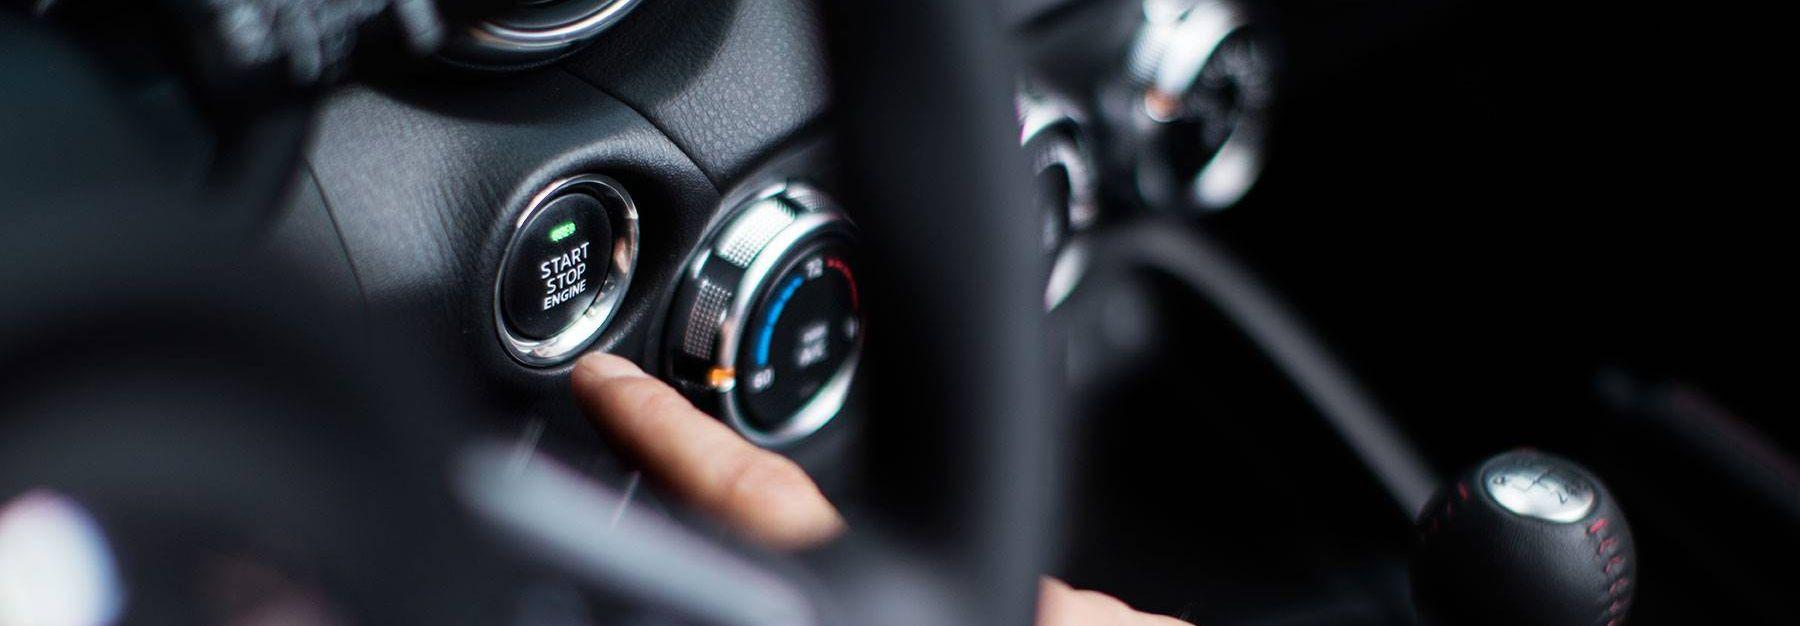 Feel the Thrill of the Mazda MX-5 Miata!